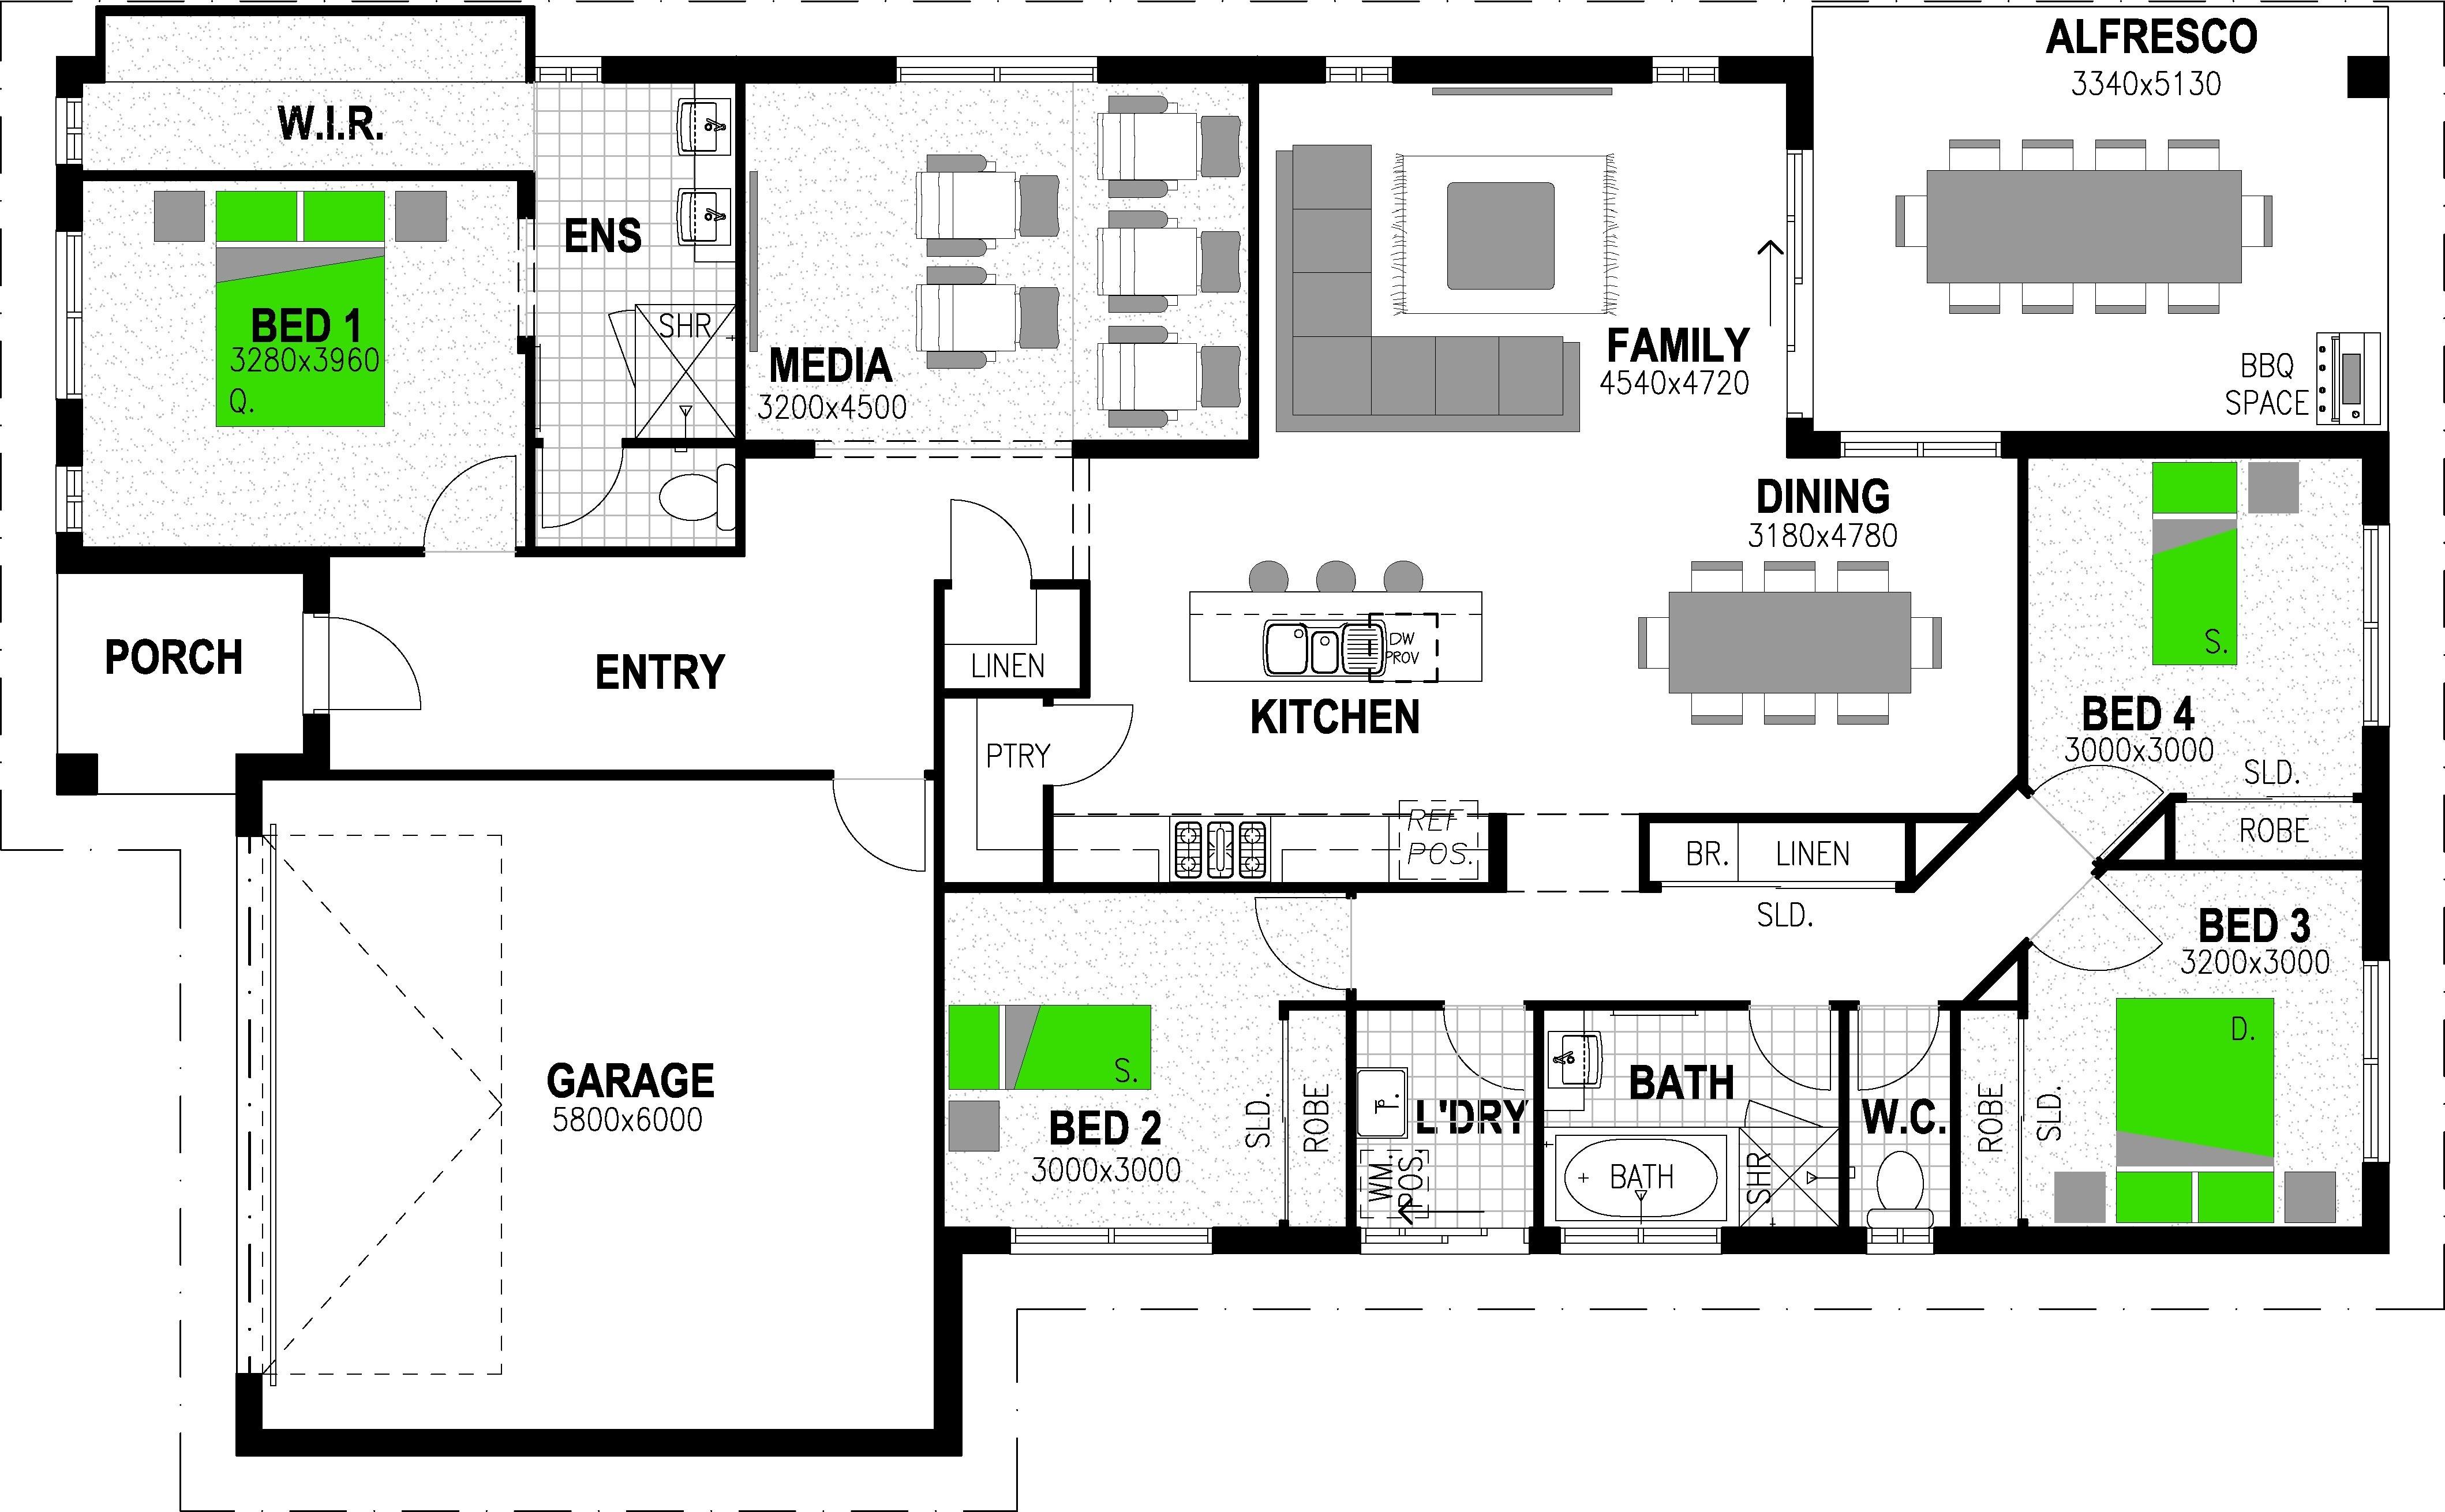 LOT 33 MONTEREA RIPLEY RIPLEY Floorplan